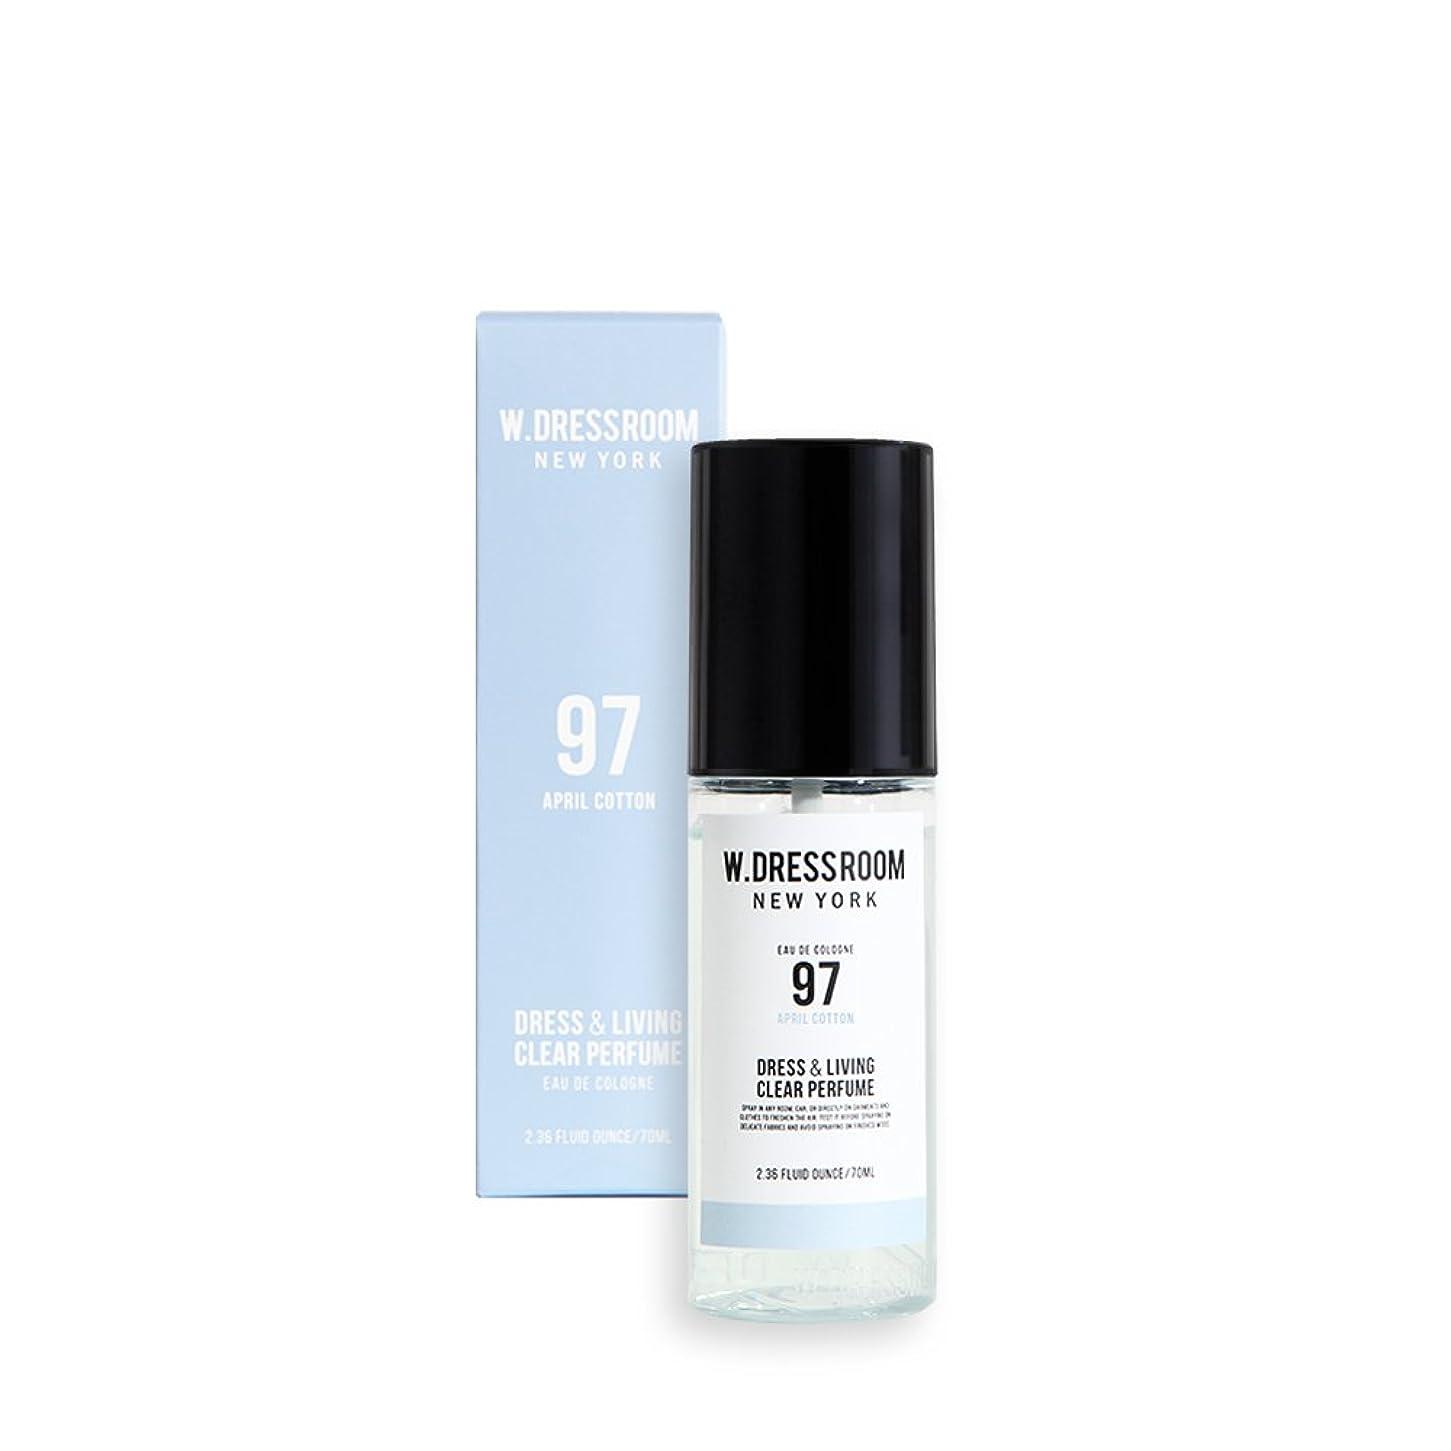 敵意スポーツをする配送W.DRESSROOM Dress & Living Clear Perfume 70ml/ダブルドレスルーム ドレス&リビング クリア パフューム 70ml (#No.97 April Cotton) [並行輸入品]